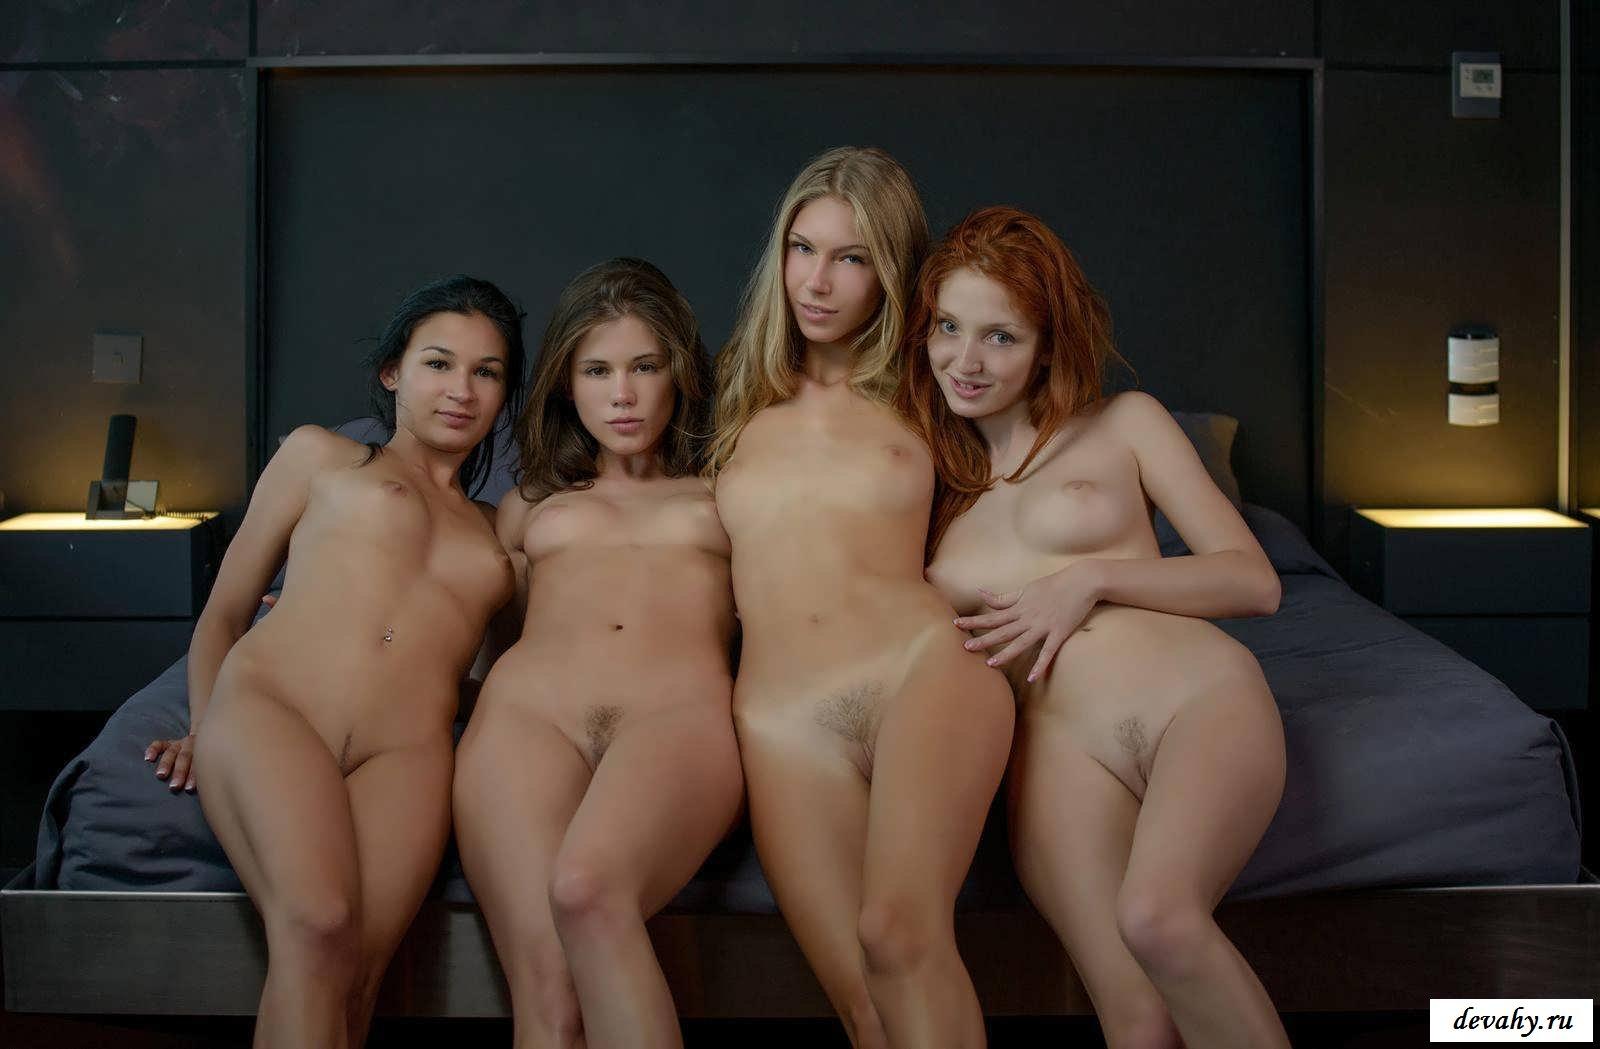 Отличные попки секси девчонок   (15 фото эротики)